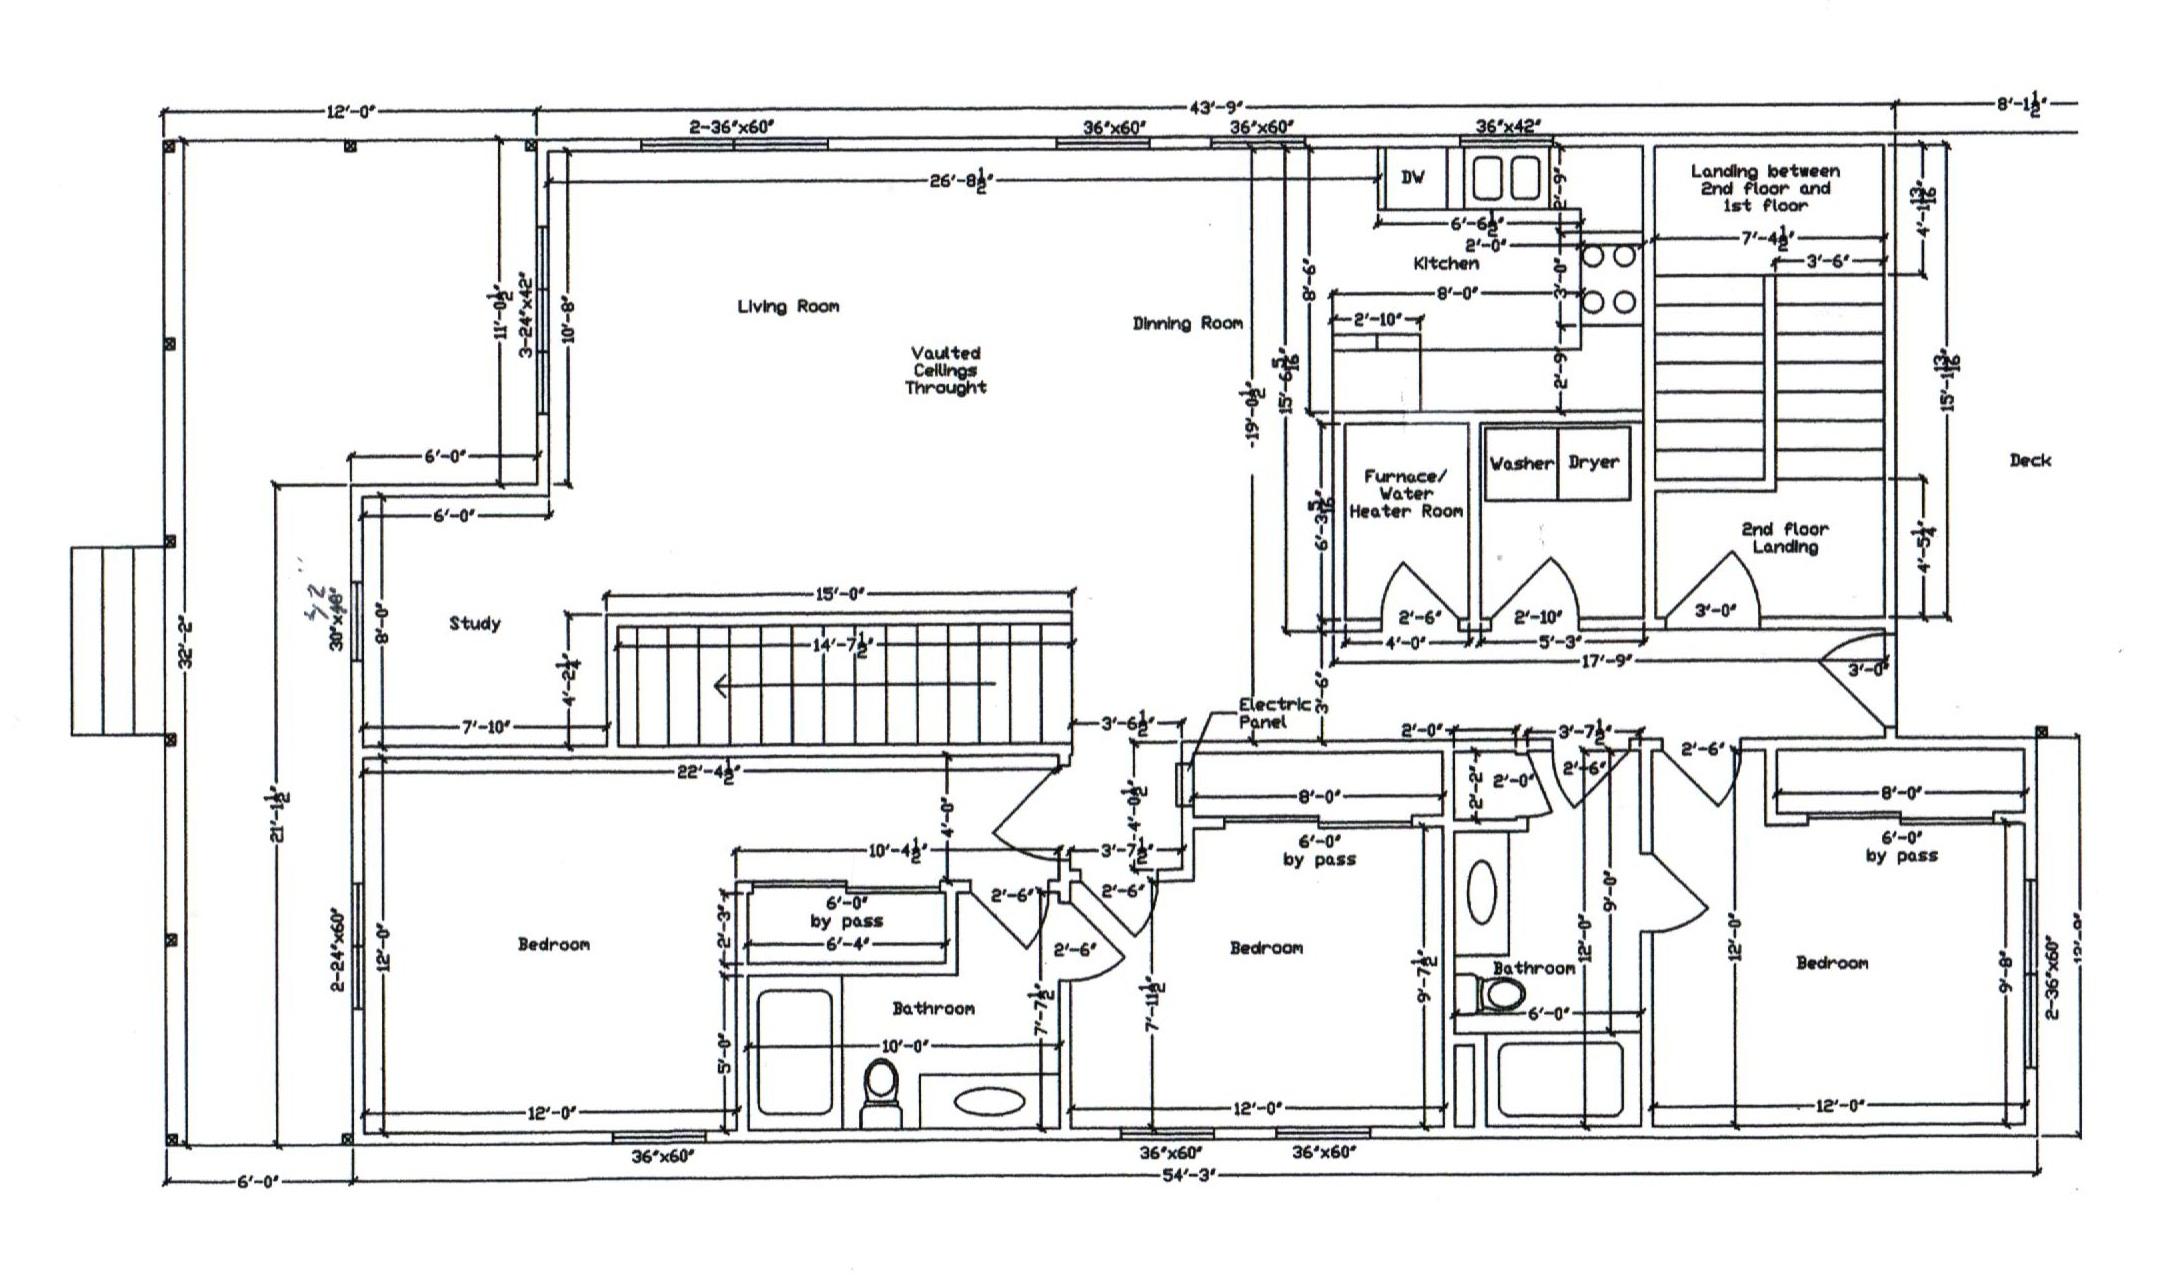 915 E Washington St 3 Bedroom J J Real Estate